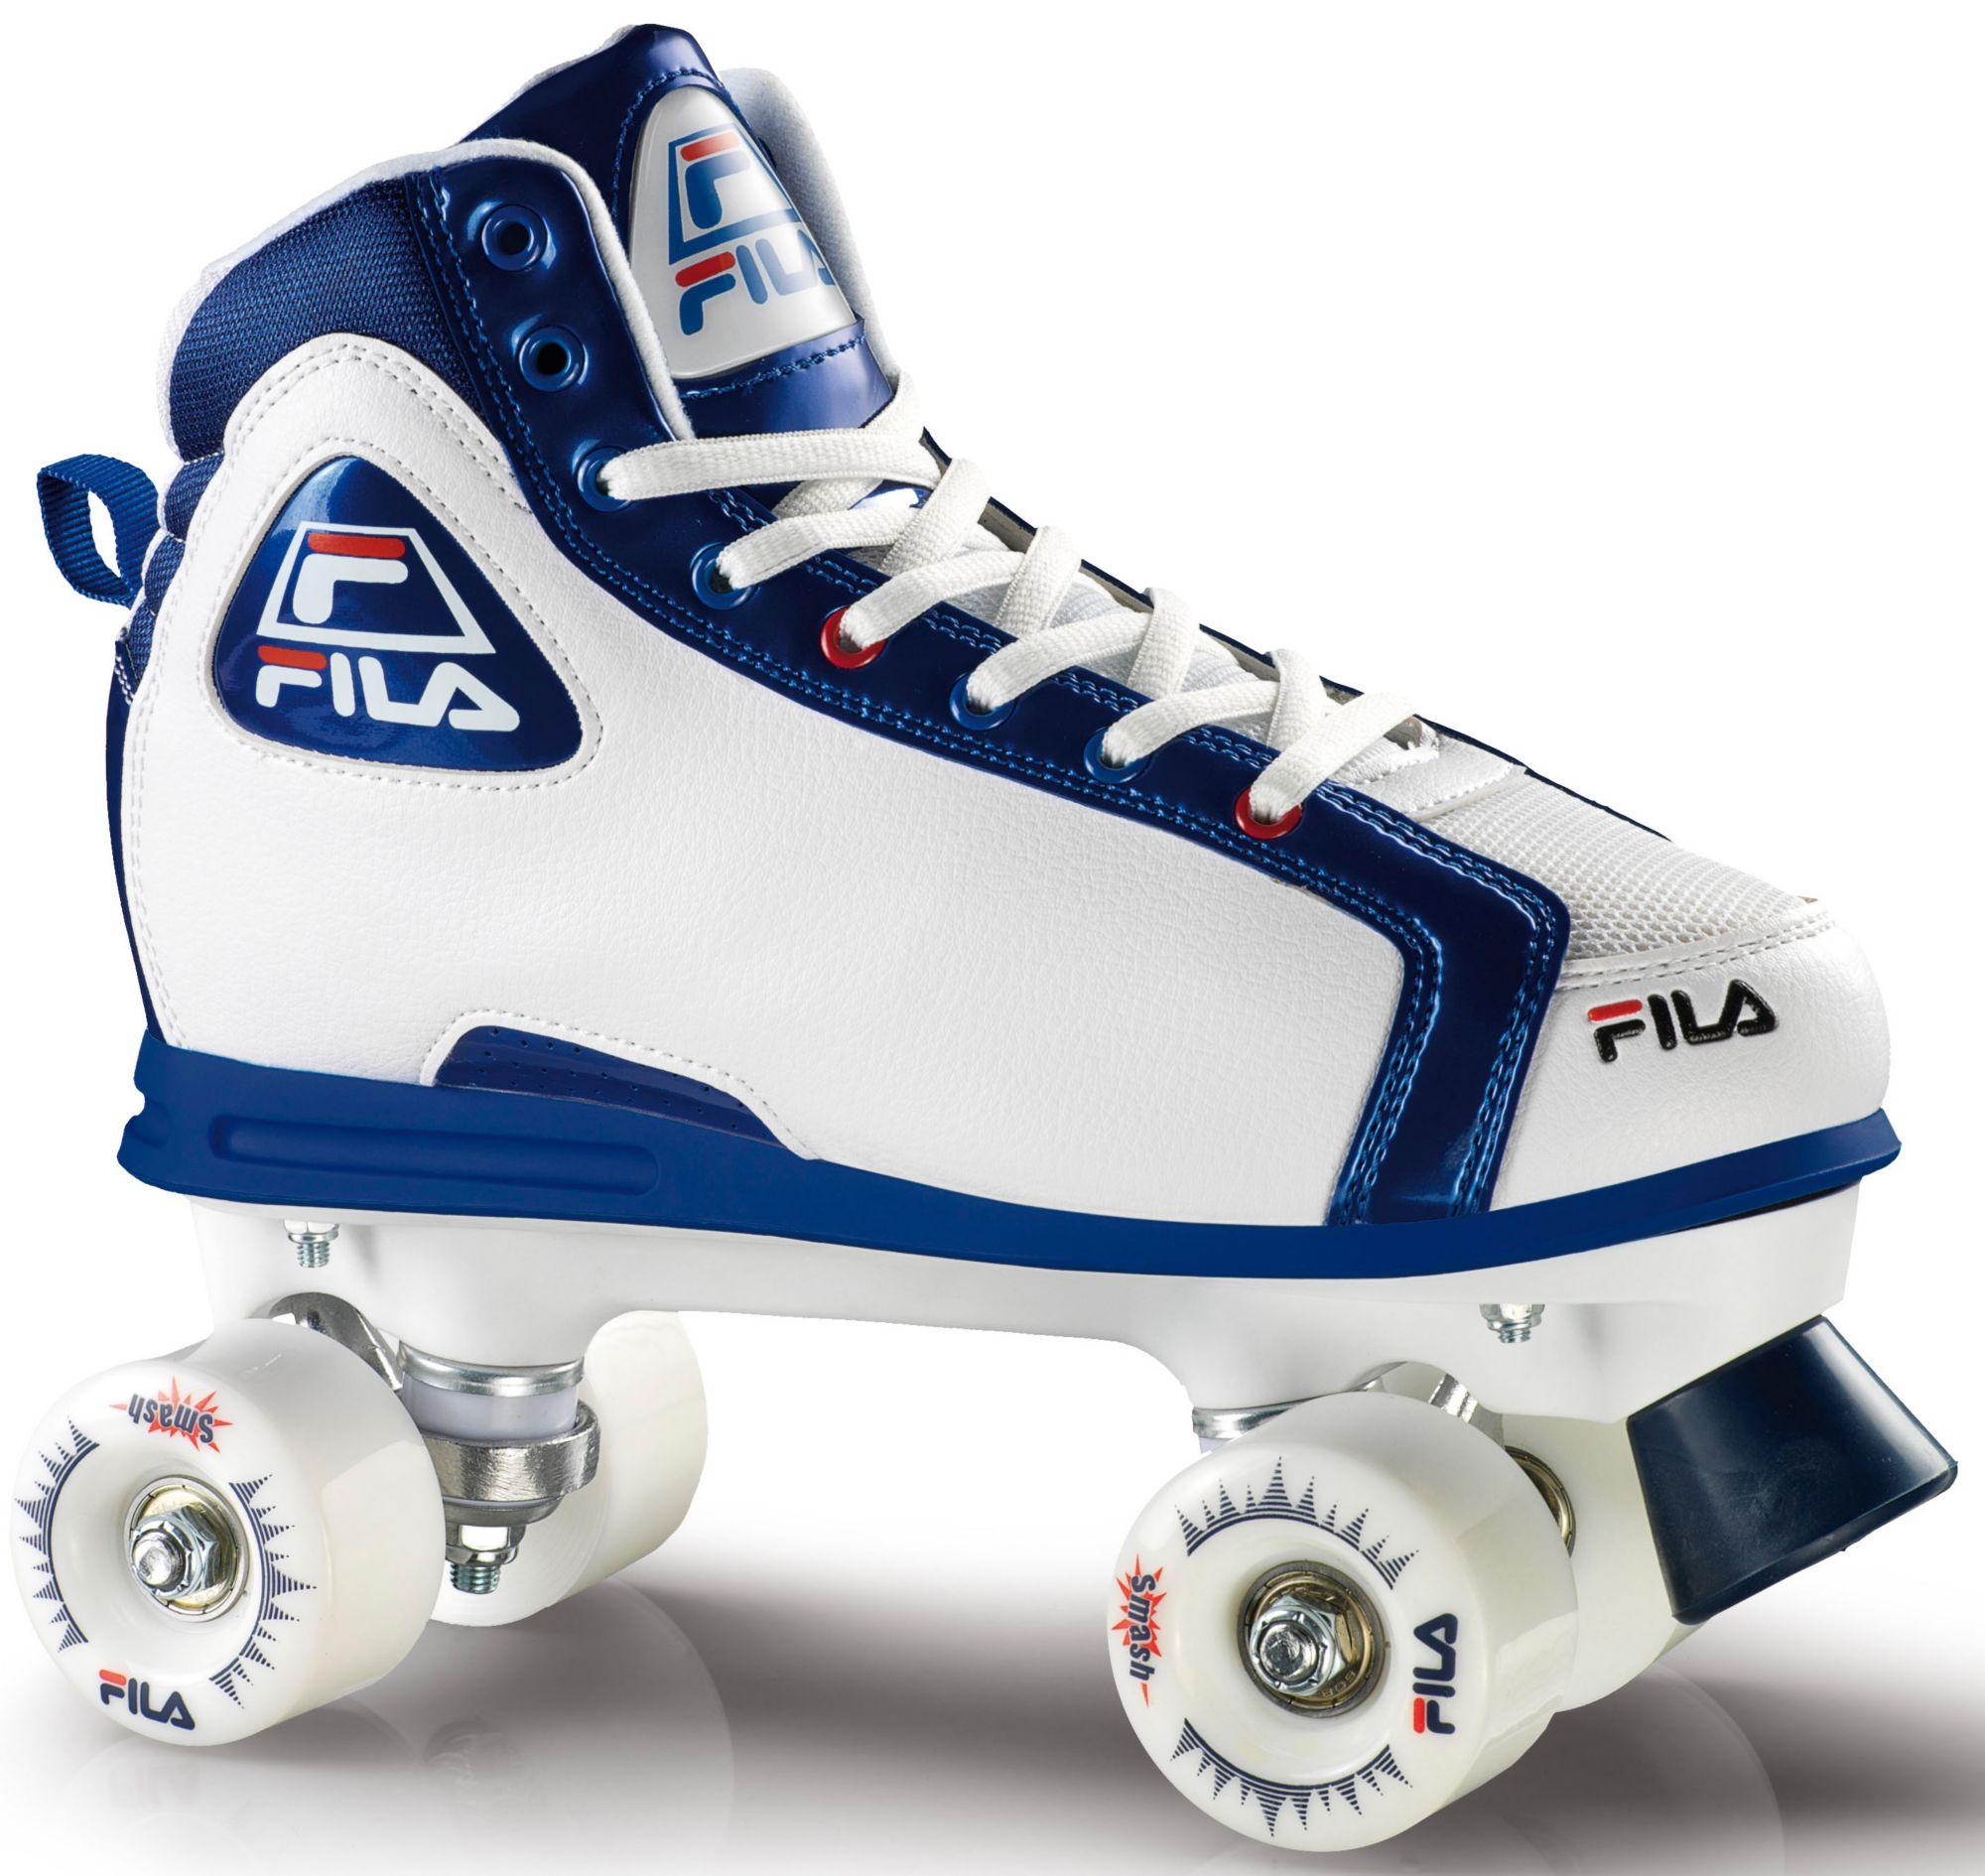 FILA Fila Roller Skates weiß/blau, »Smash«